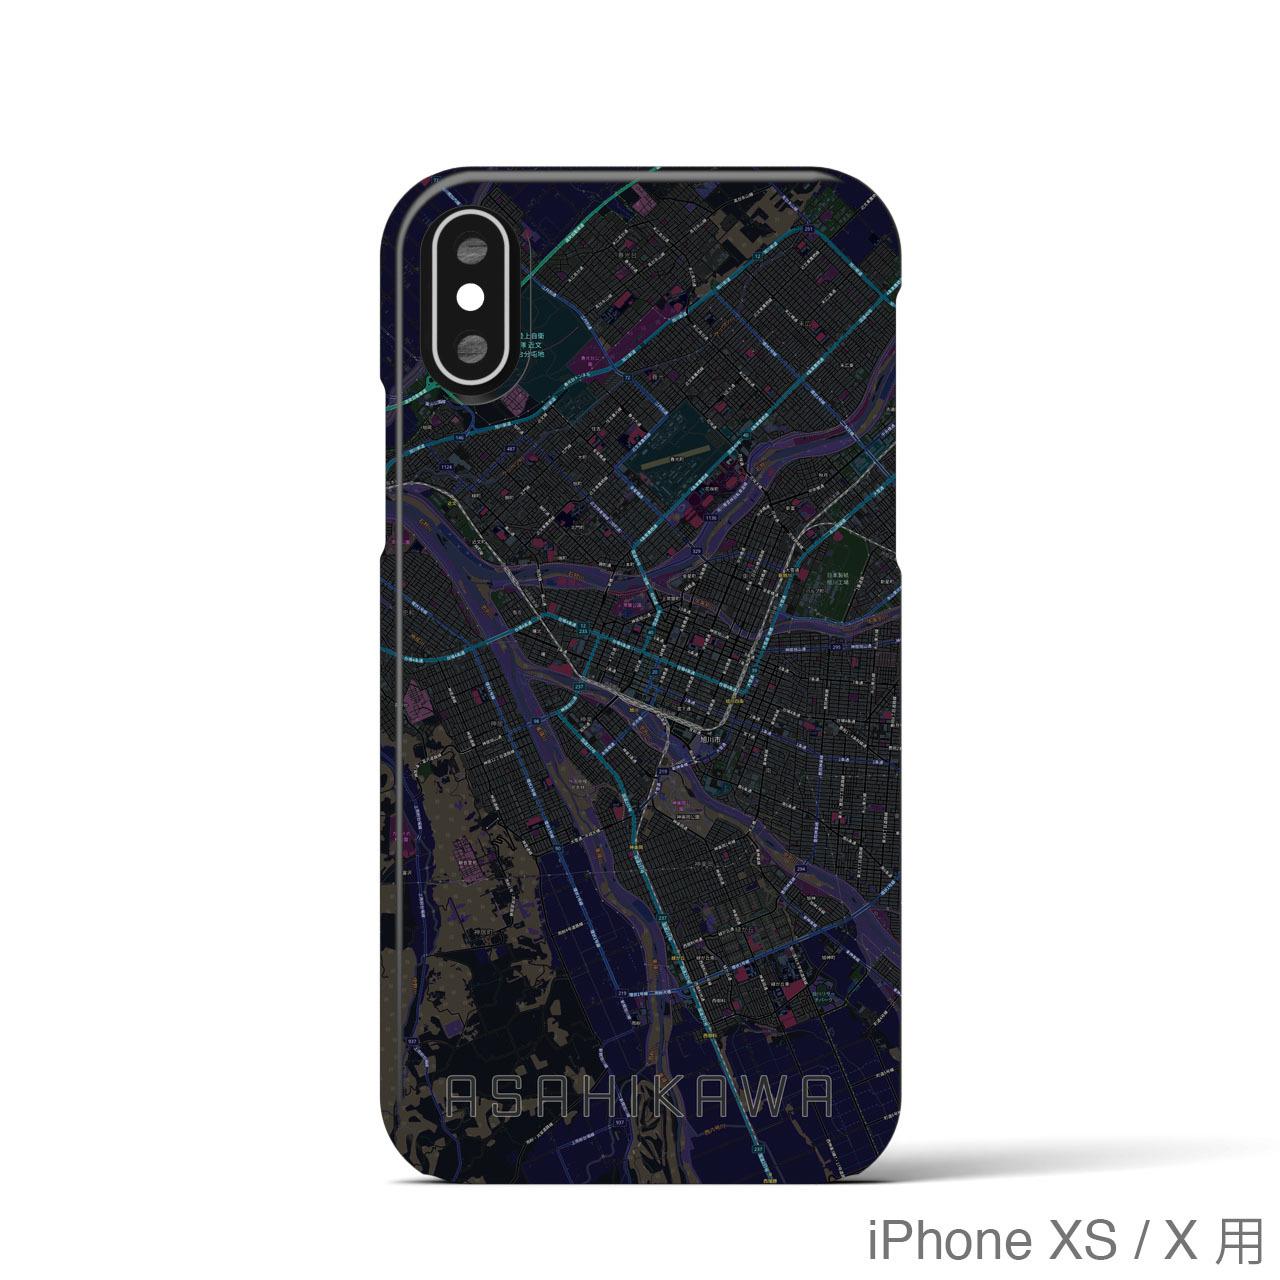 【旭川】地図柄iPhoneケース(バックカバータイプ・ブラック)